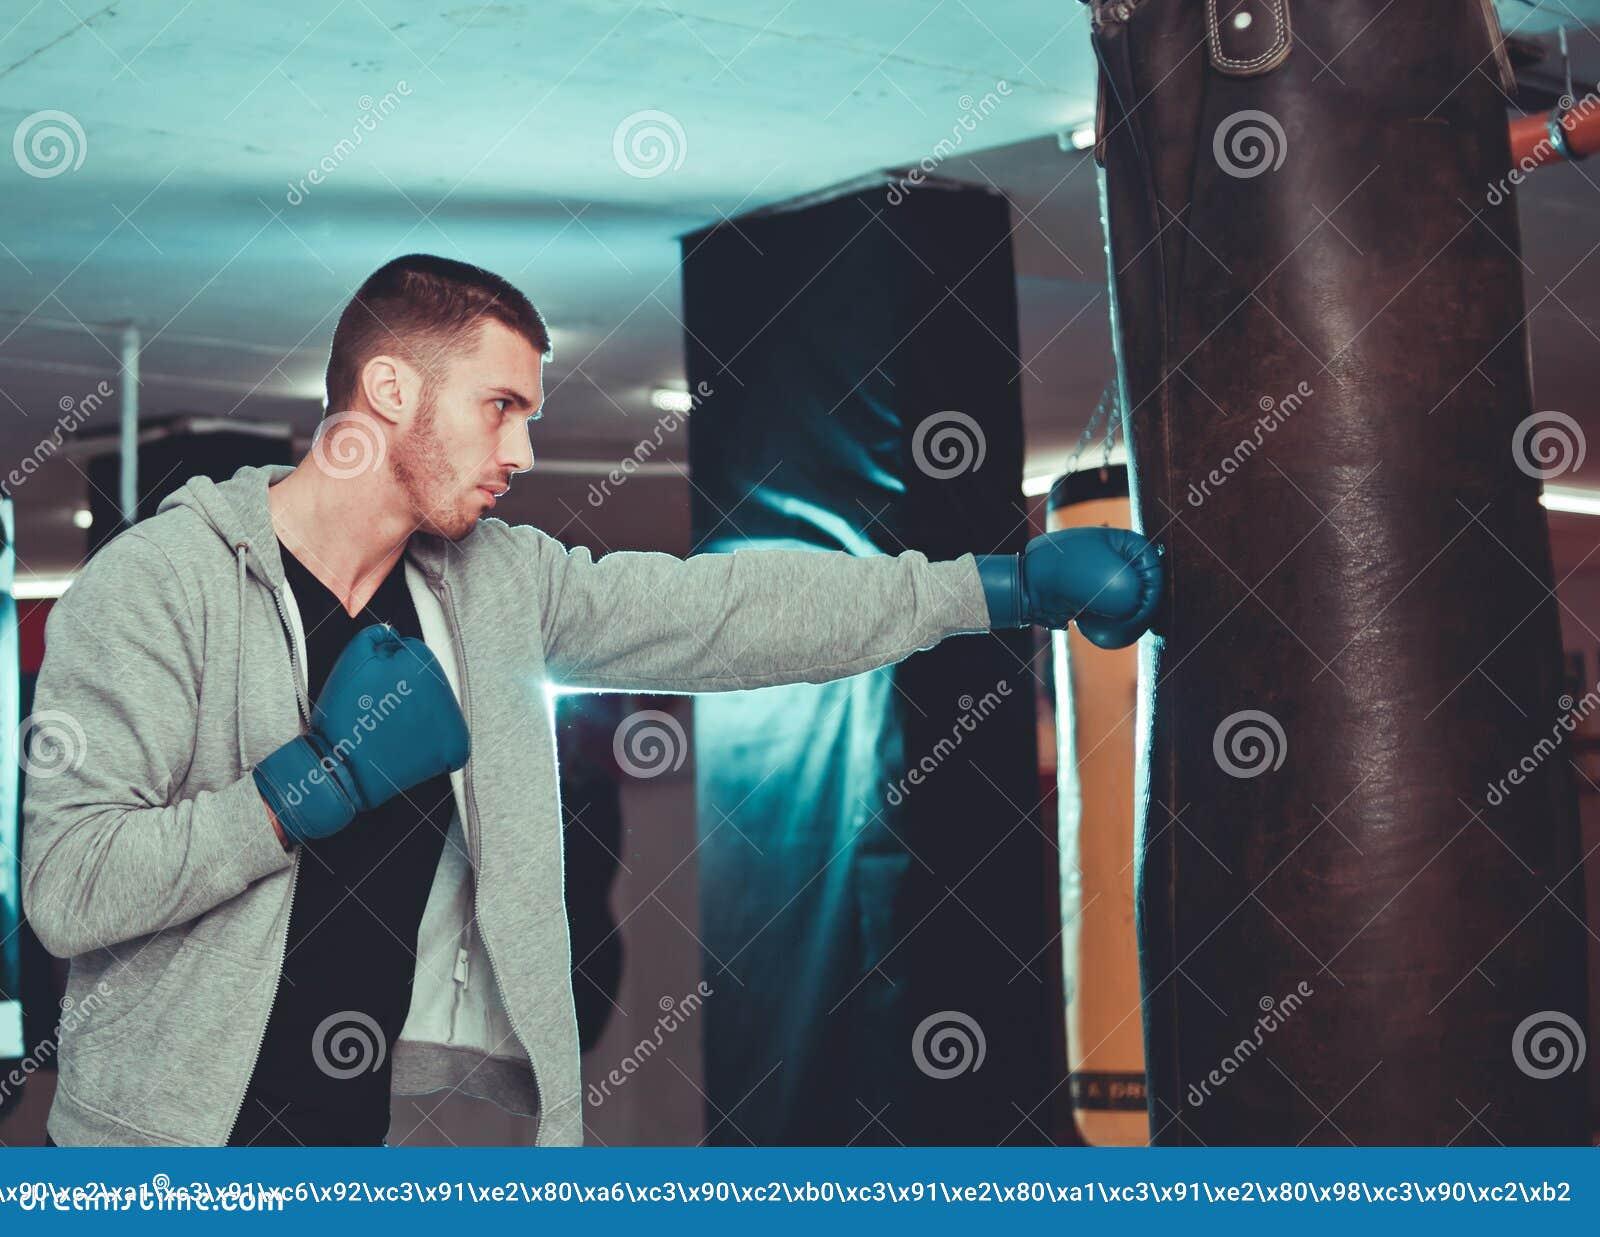 Συγκεντρωμένο άμεσο χτύπημα μπόξερ με punching την τσάντα